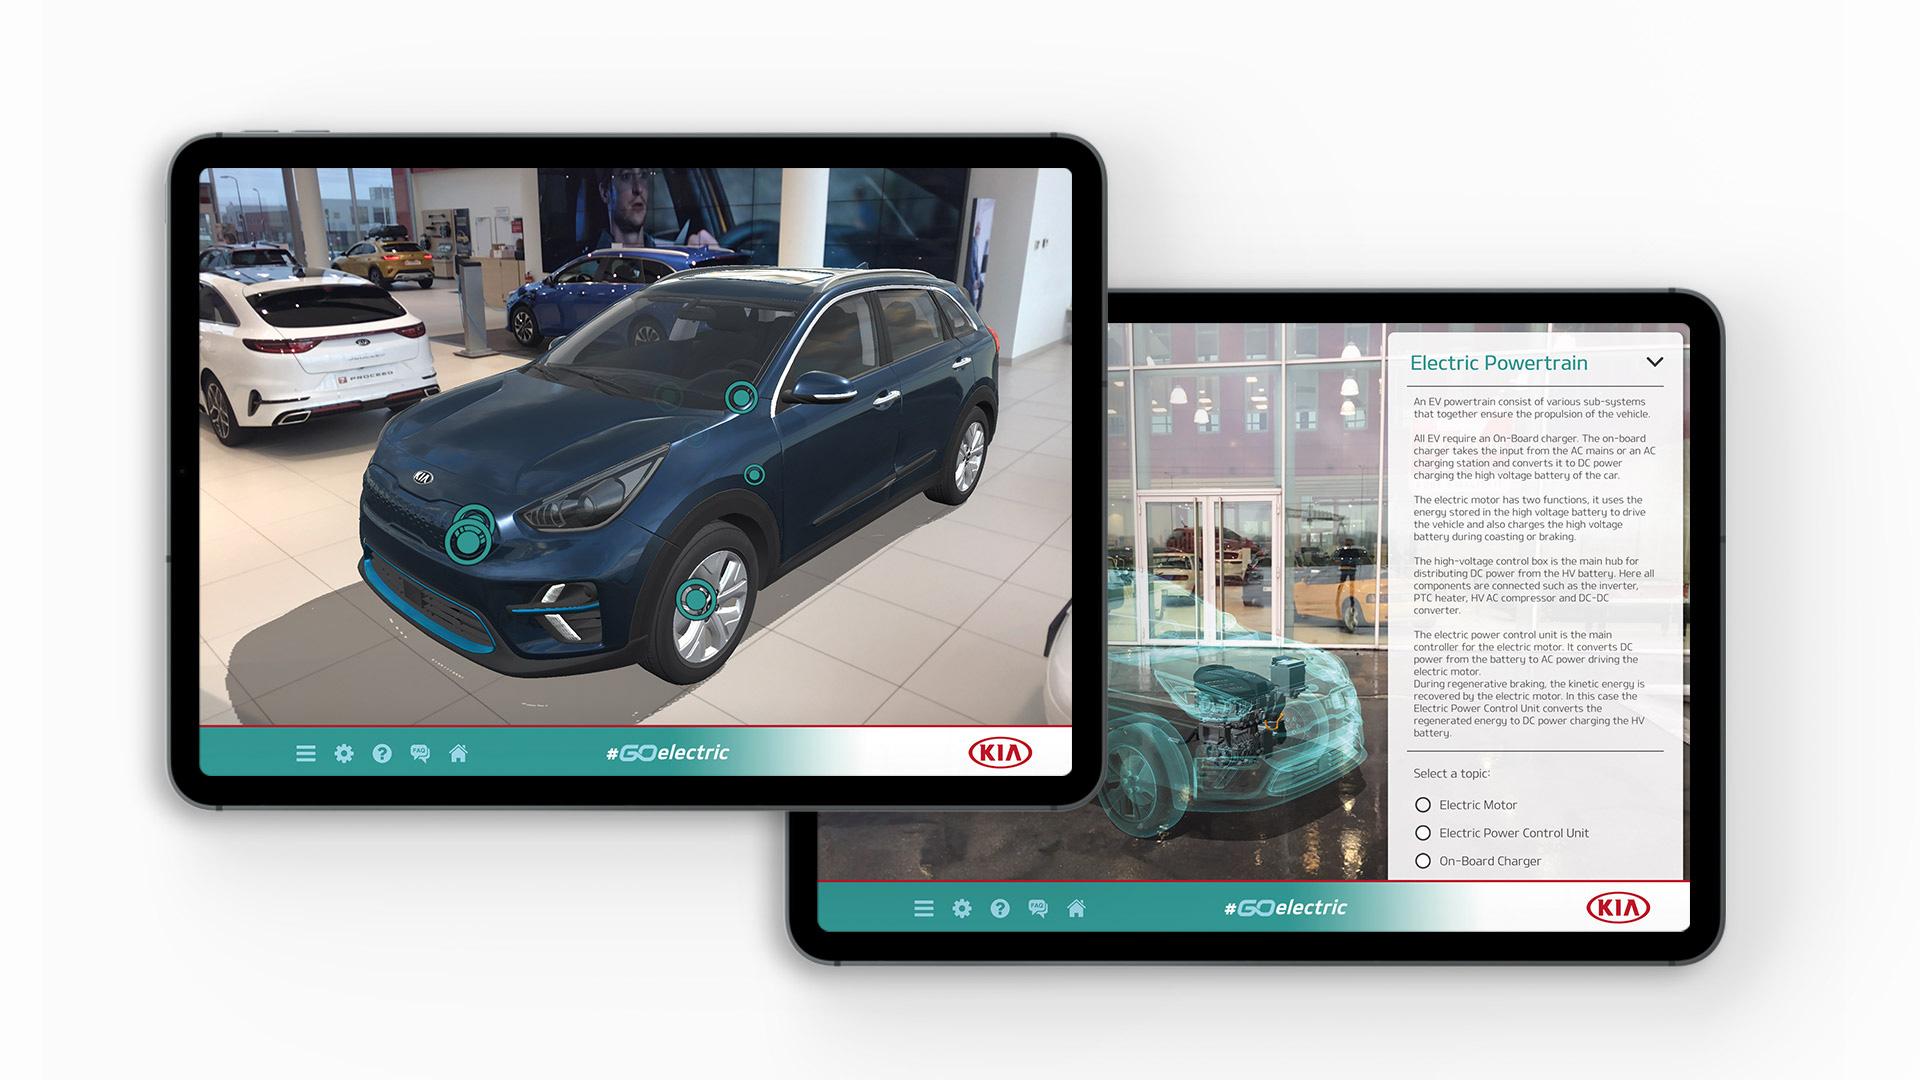 Noua aplicație 'Go Electric' dezvoltată de Kia